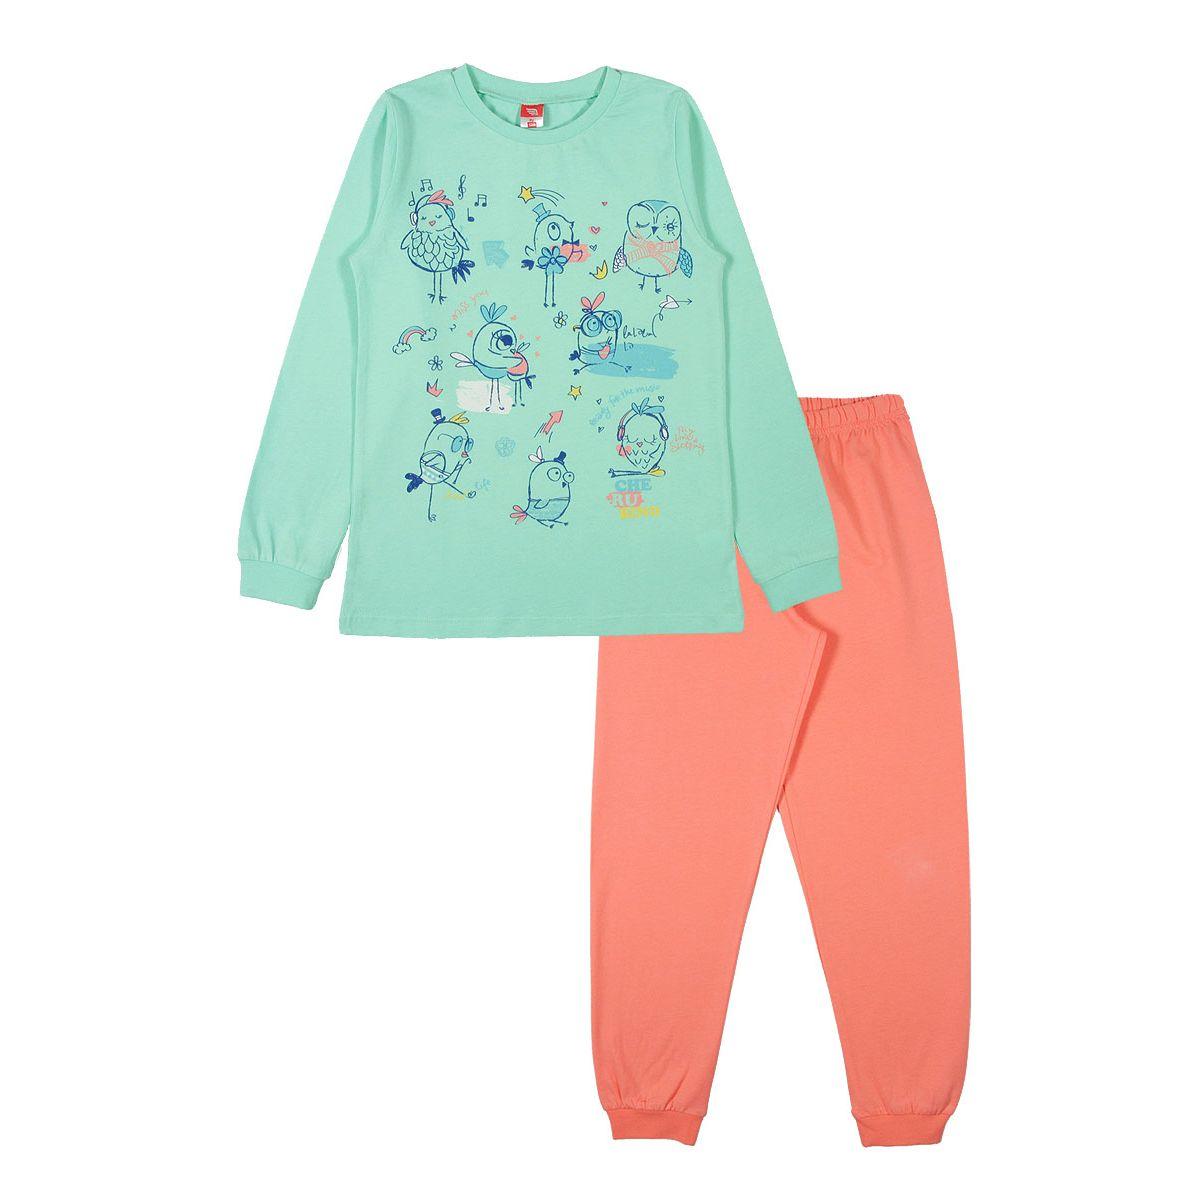 Пижама джемпер/брюки Cherubino зеленый р.146 GL001062053